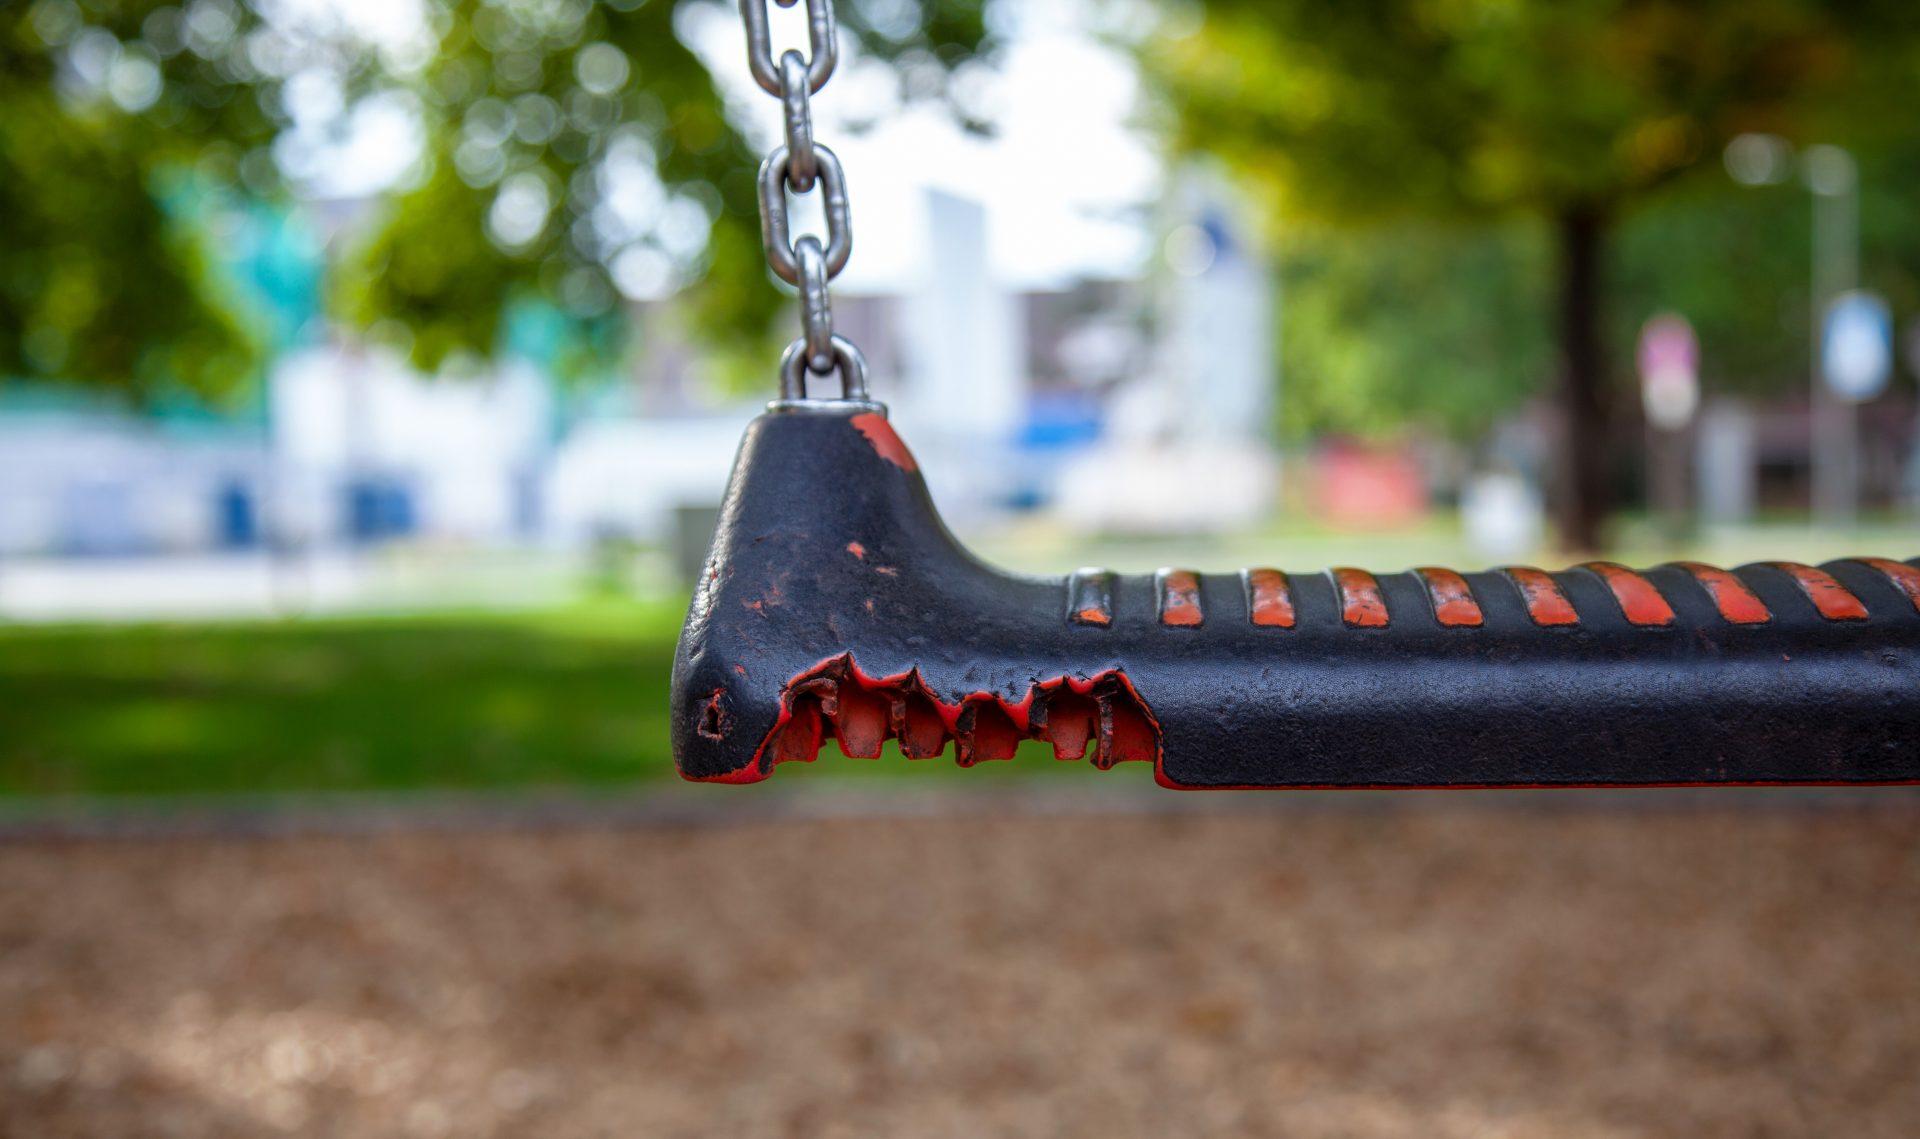 Kaputte Ausrüstung auf dem Spielplatz